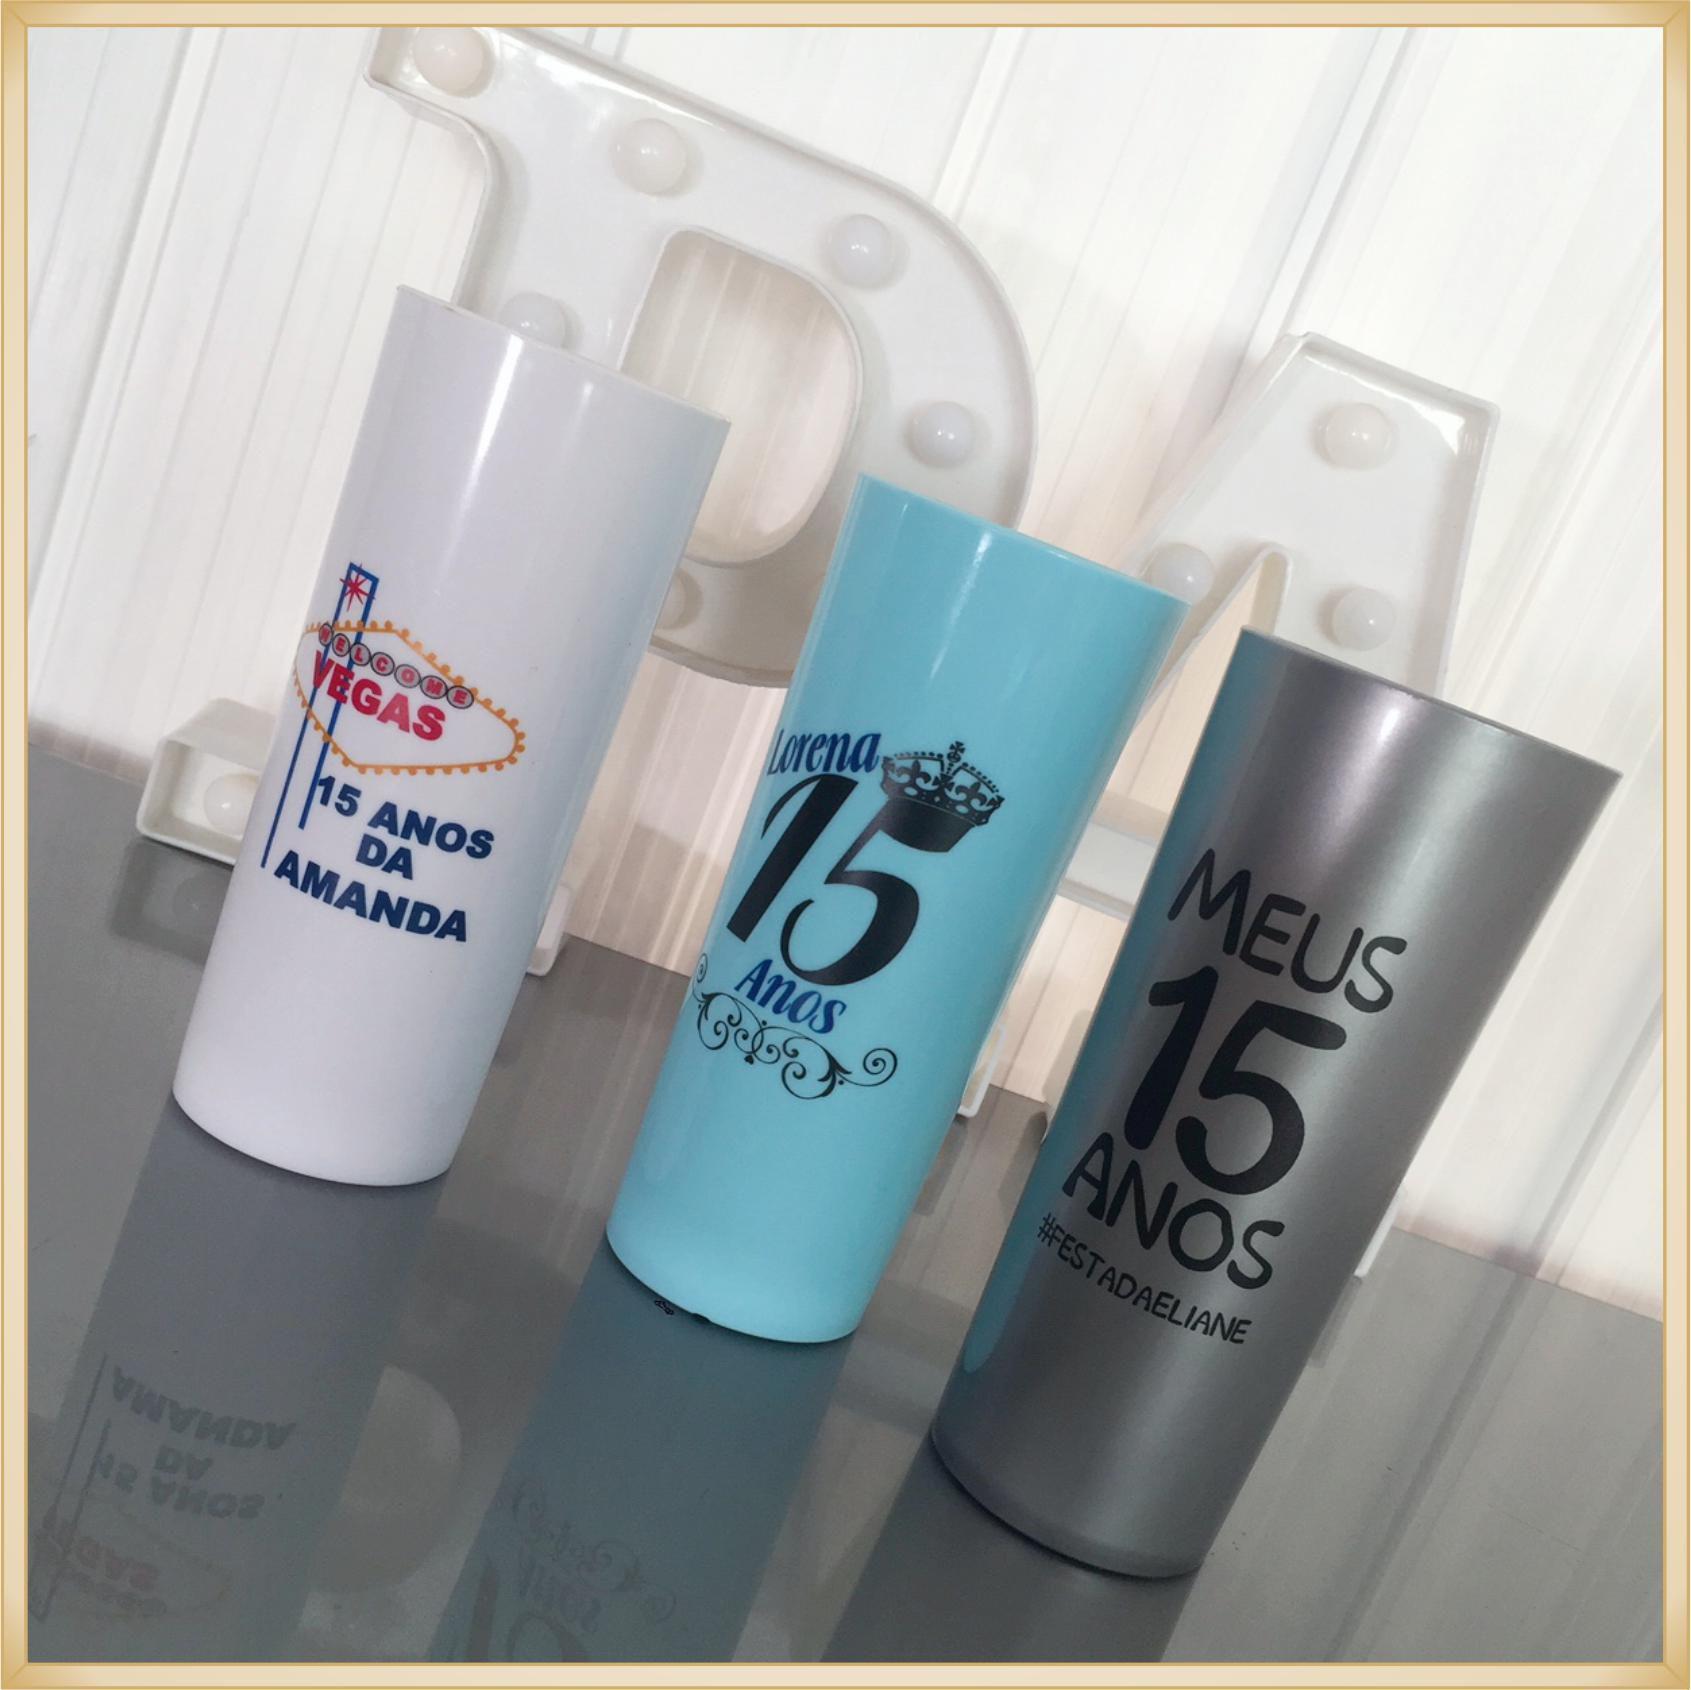 Copos long Drink Personalizados 15 anos - estampas de qualidade, brilhante, ótimo acabamento, parede de 2,5 mm, resistente, 325 ml. - Kit 50 unidades